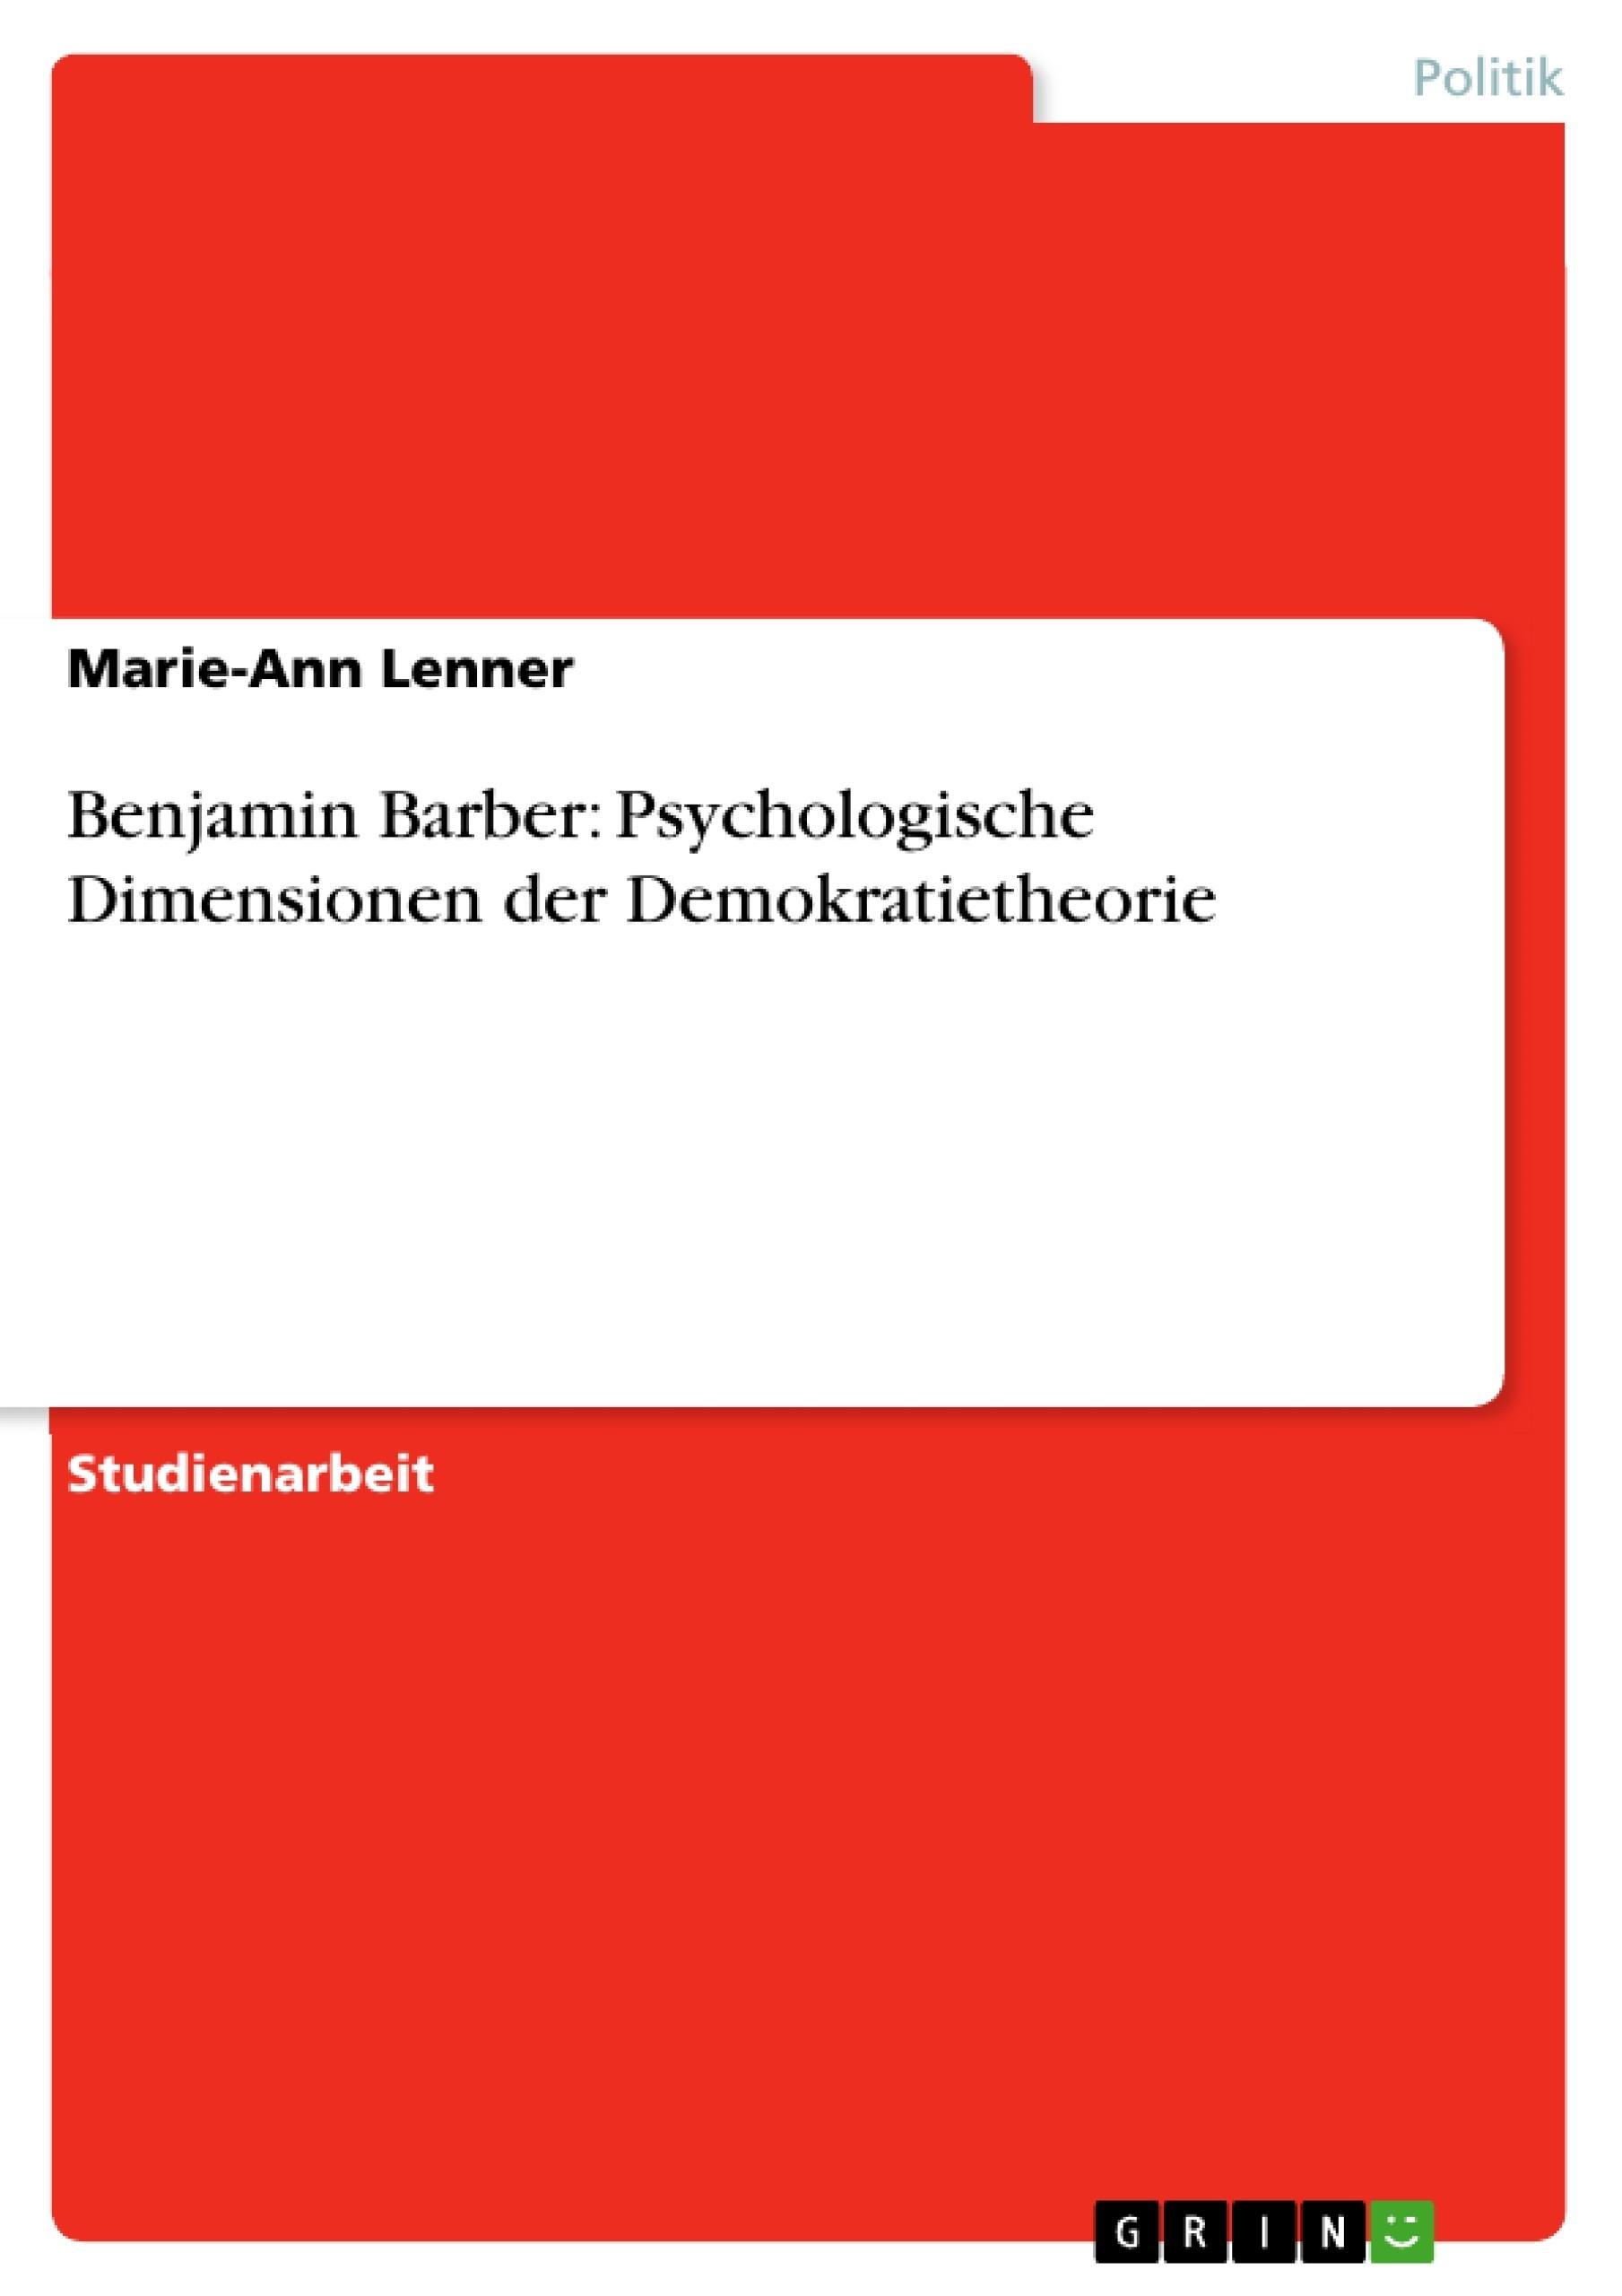 Titel: Benjamin Barber: Psychologische Dimensionen der Demokratietheorie